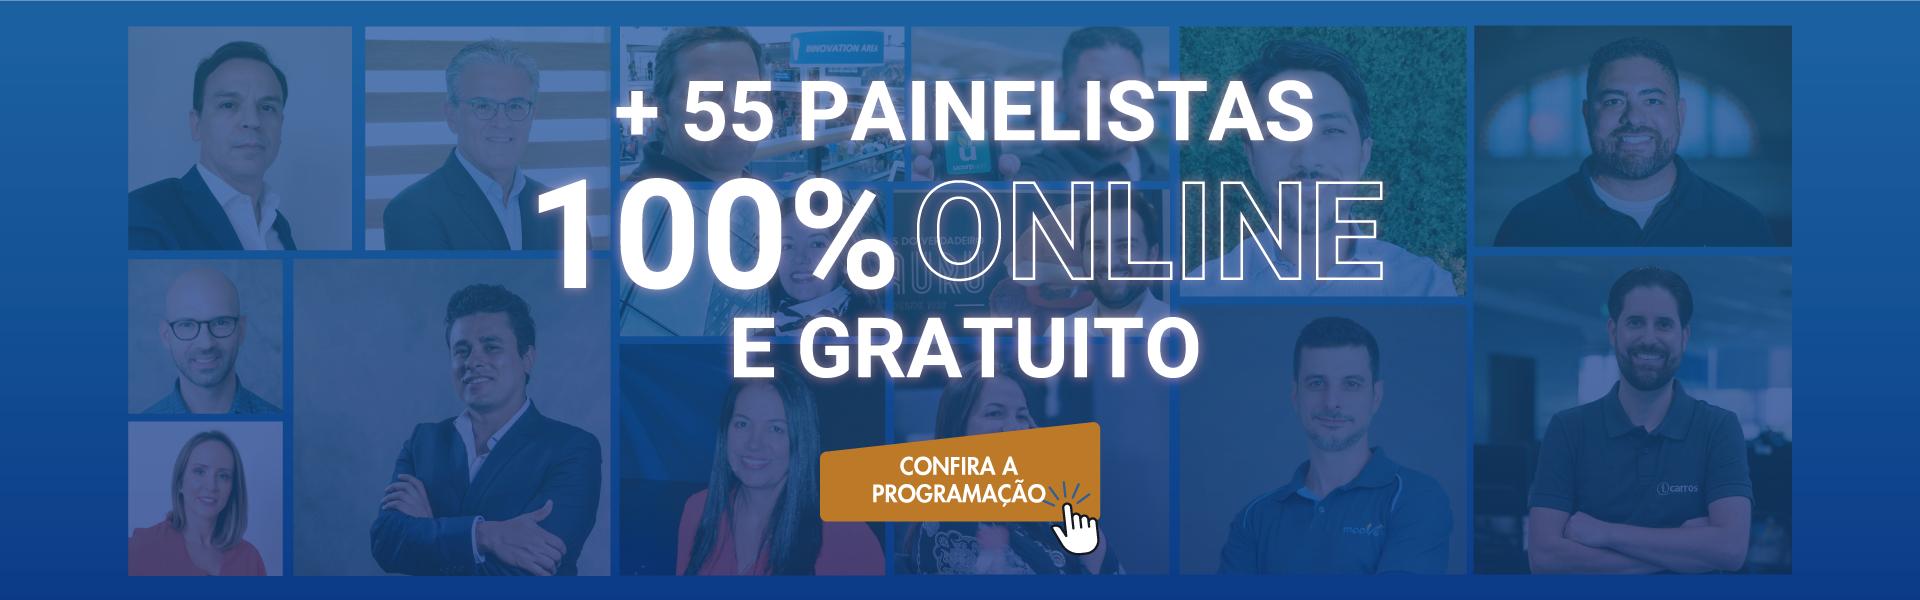 FROTAS-CONECTADAS-PALESTRANTES